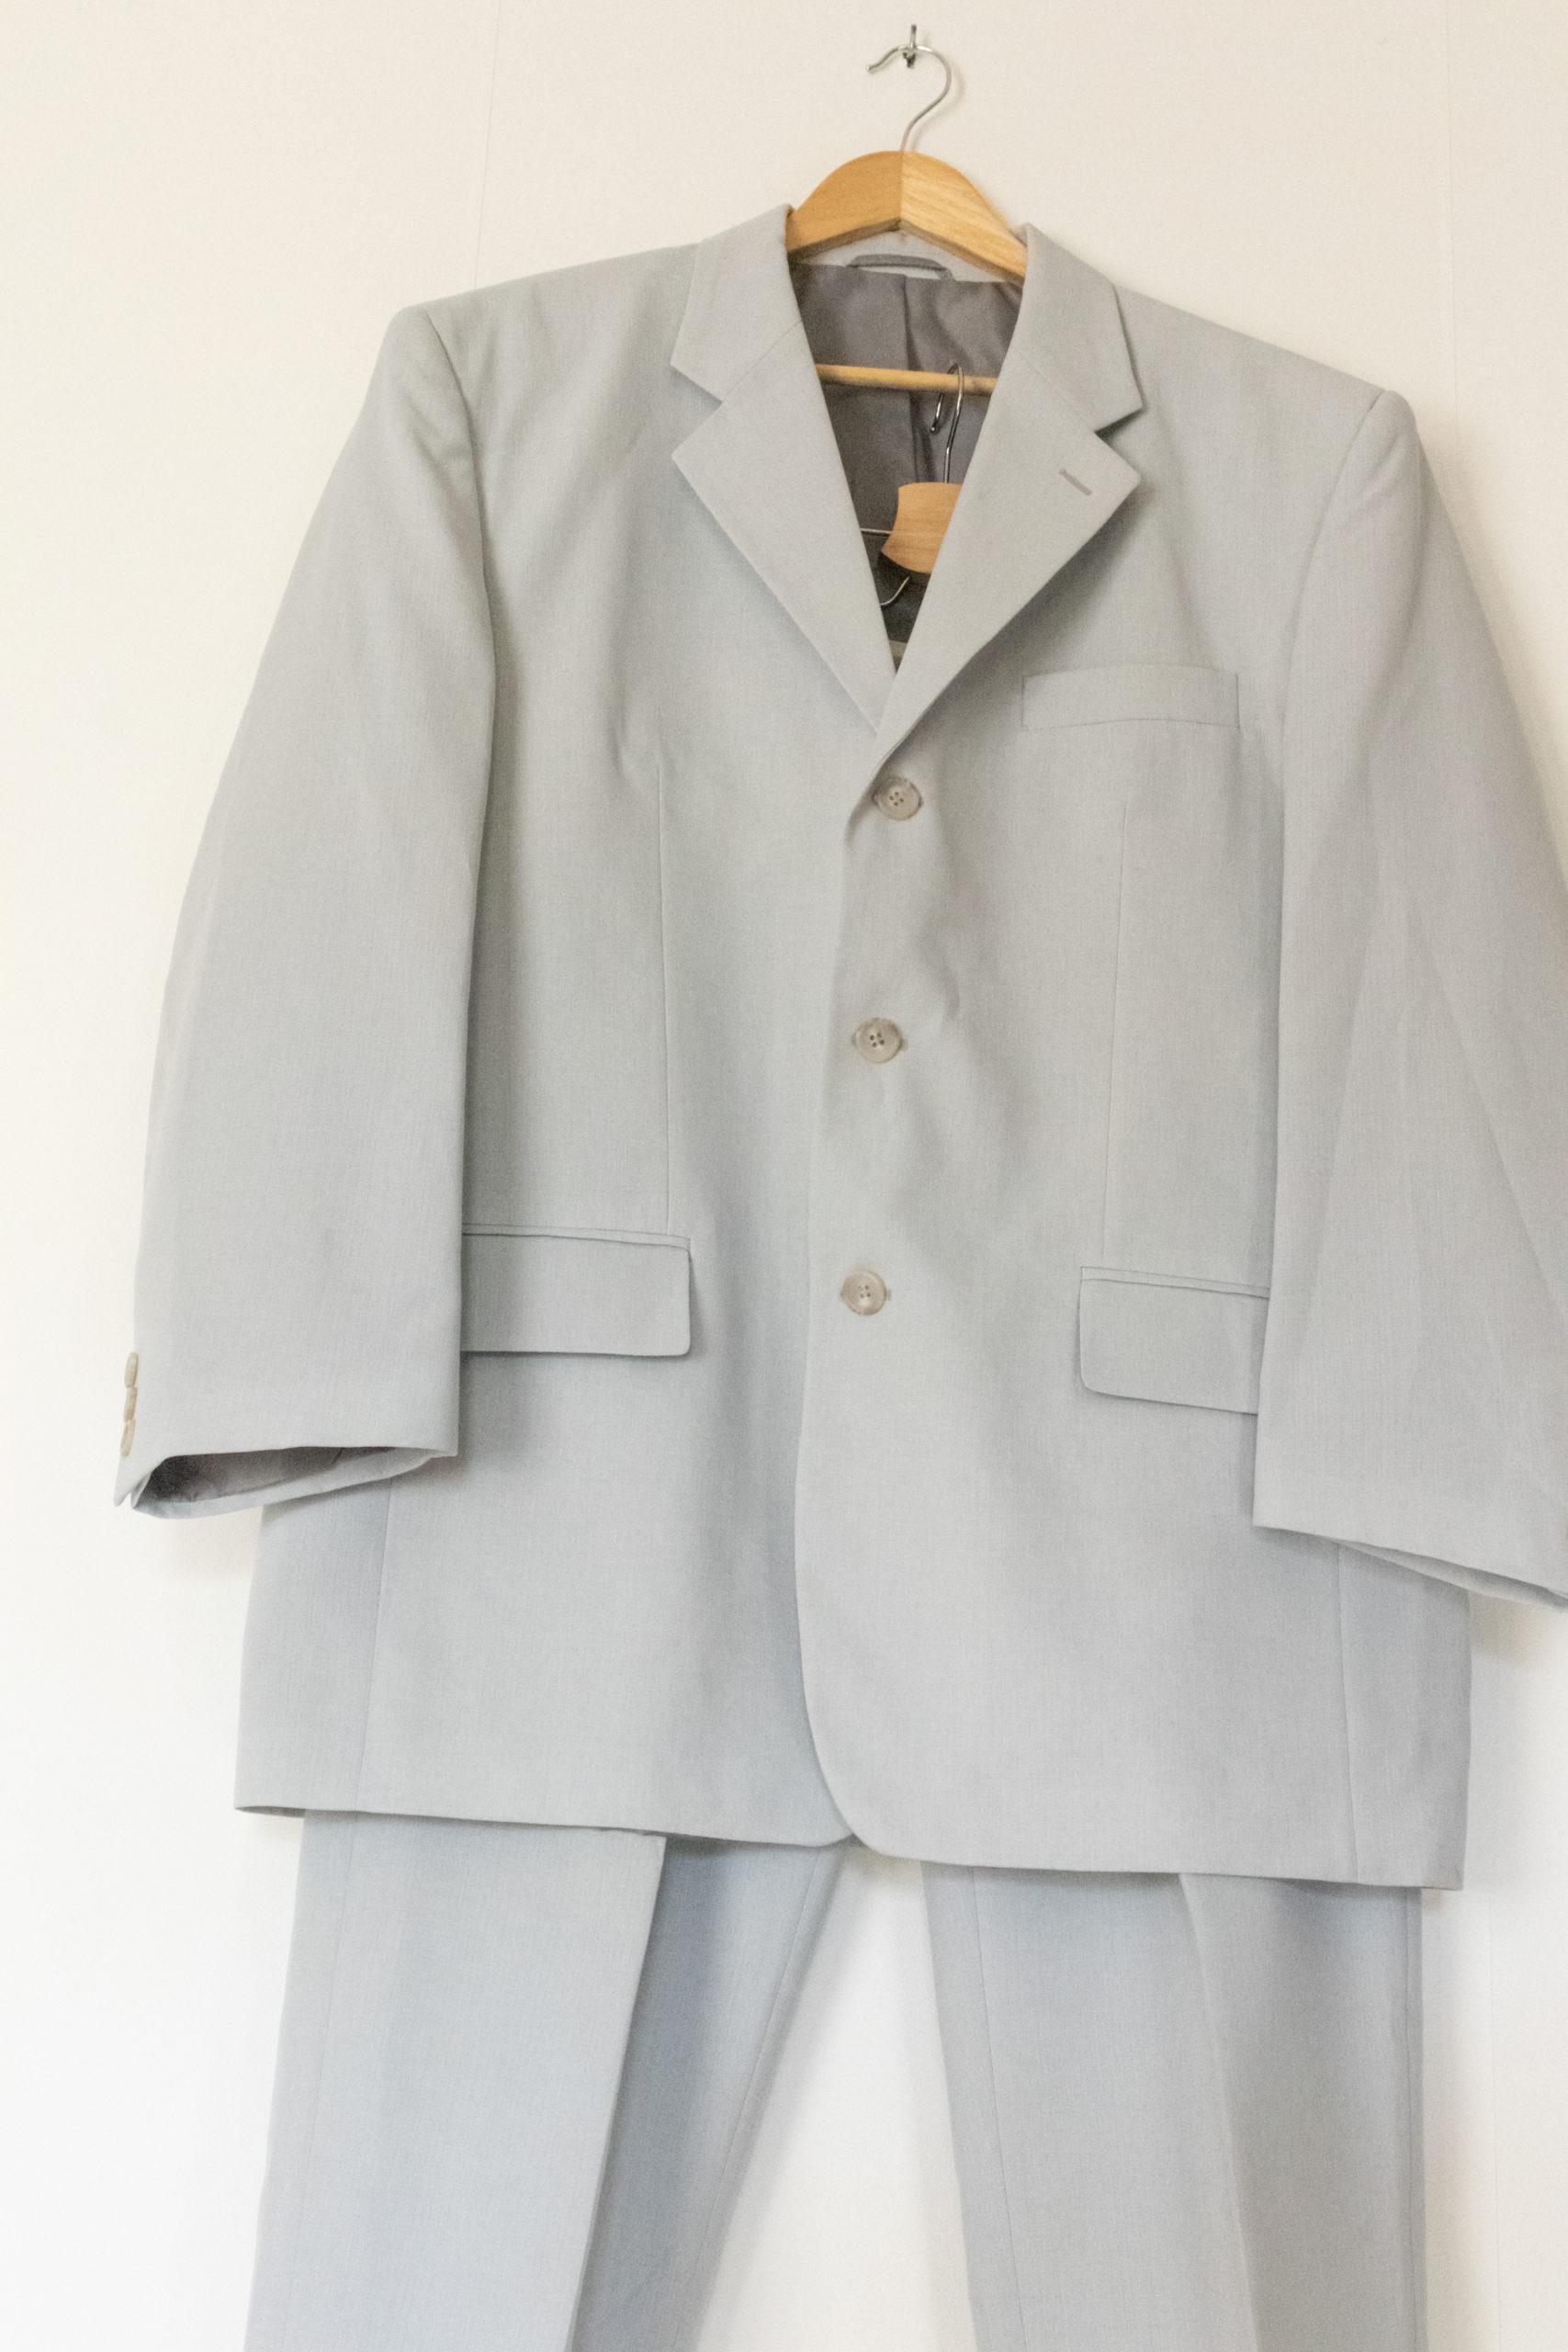 ensemble blazer pantalon bleu ciel (3)